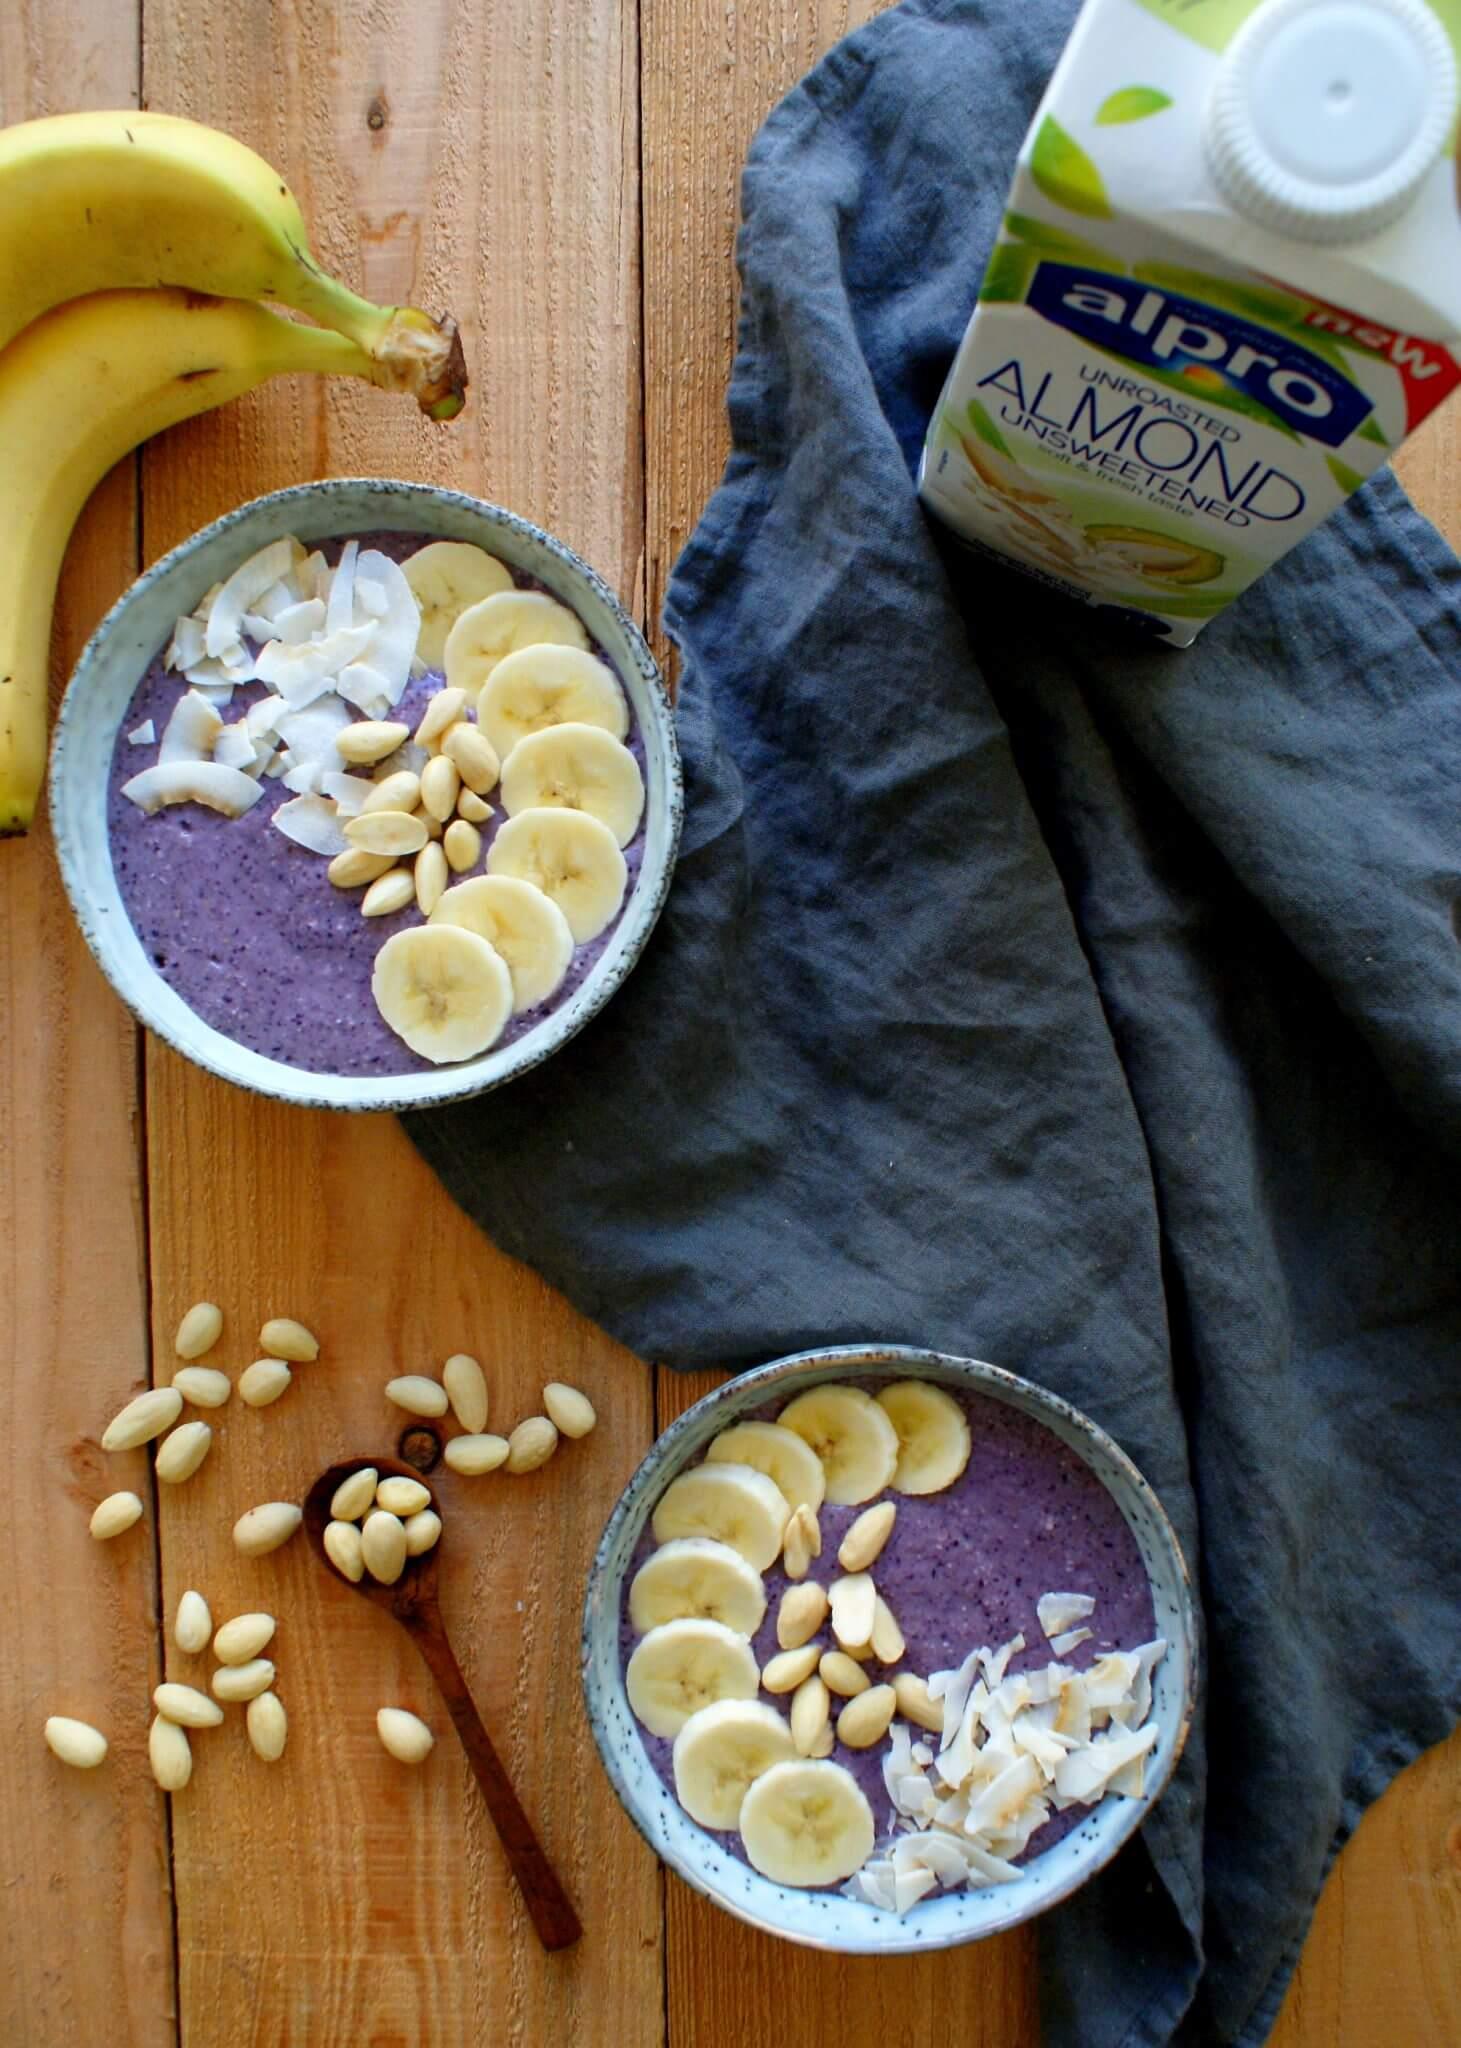 Smoothiebowl met banaan en blauwe bessen